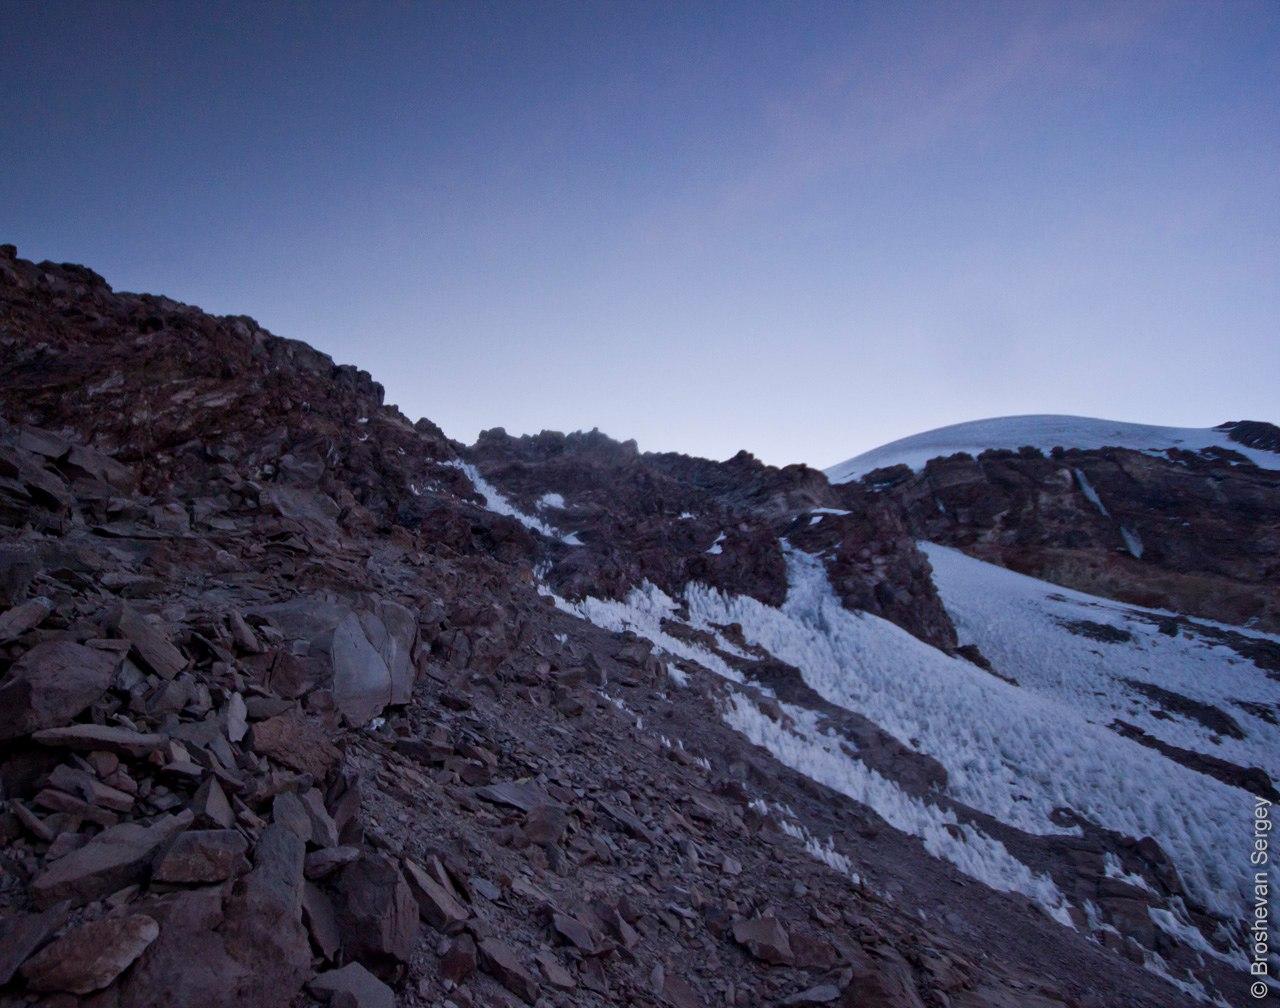 восхождение на Сахаму в Боливии, высота 6000 м